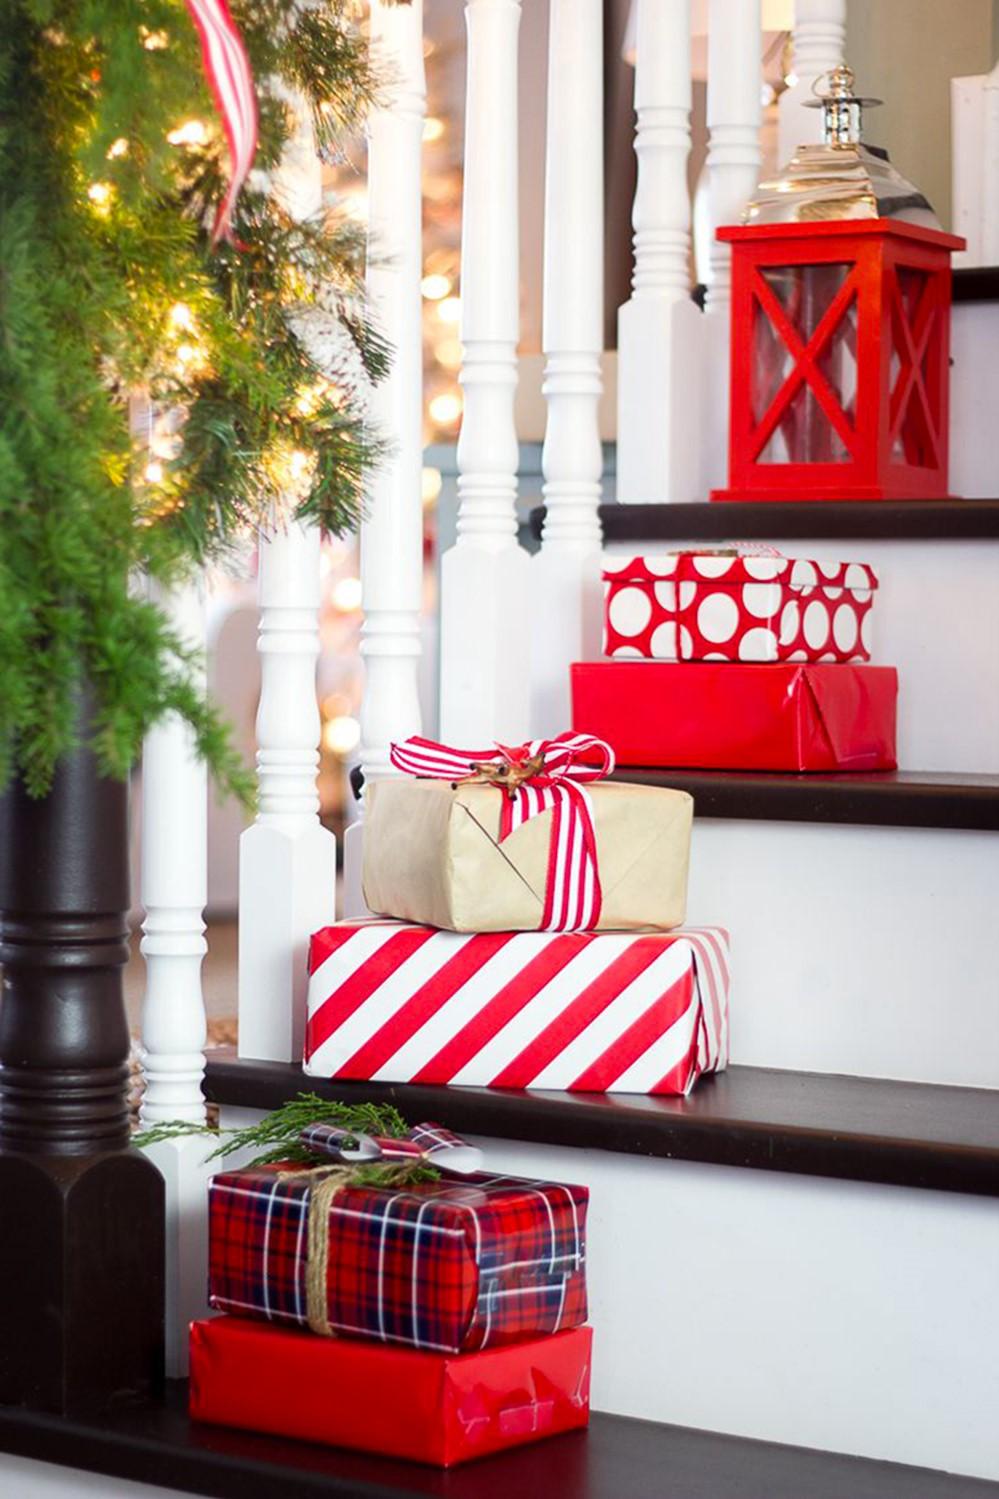 Décorez avec des cadeaux emballés pour créer une ambiance de fête.